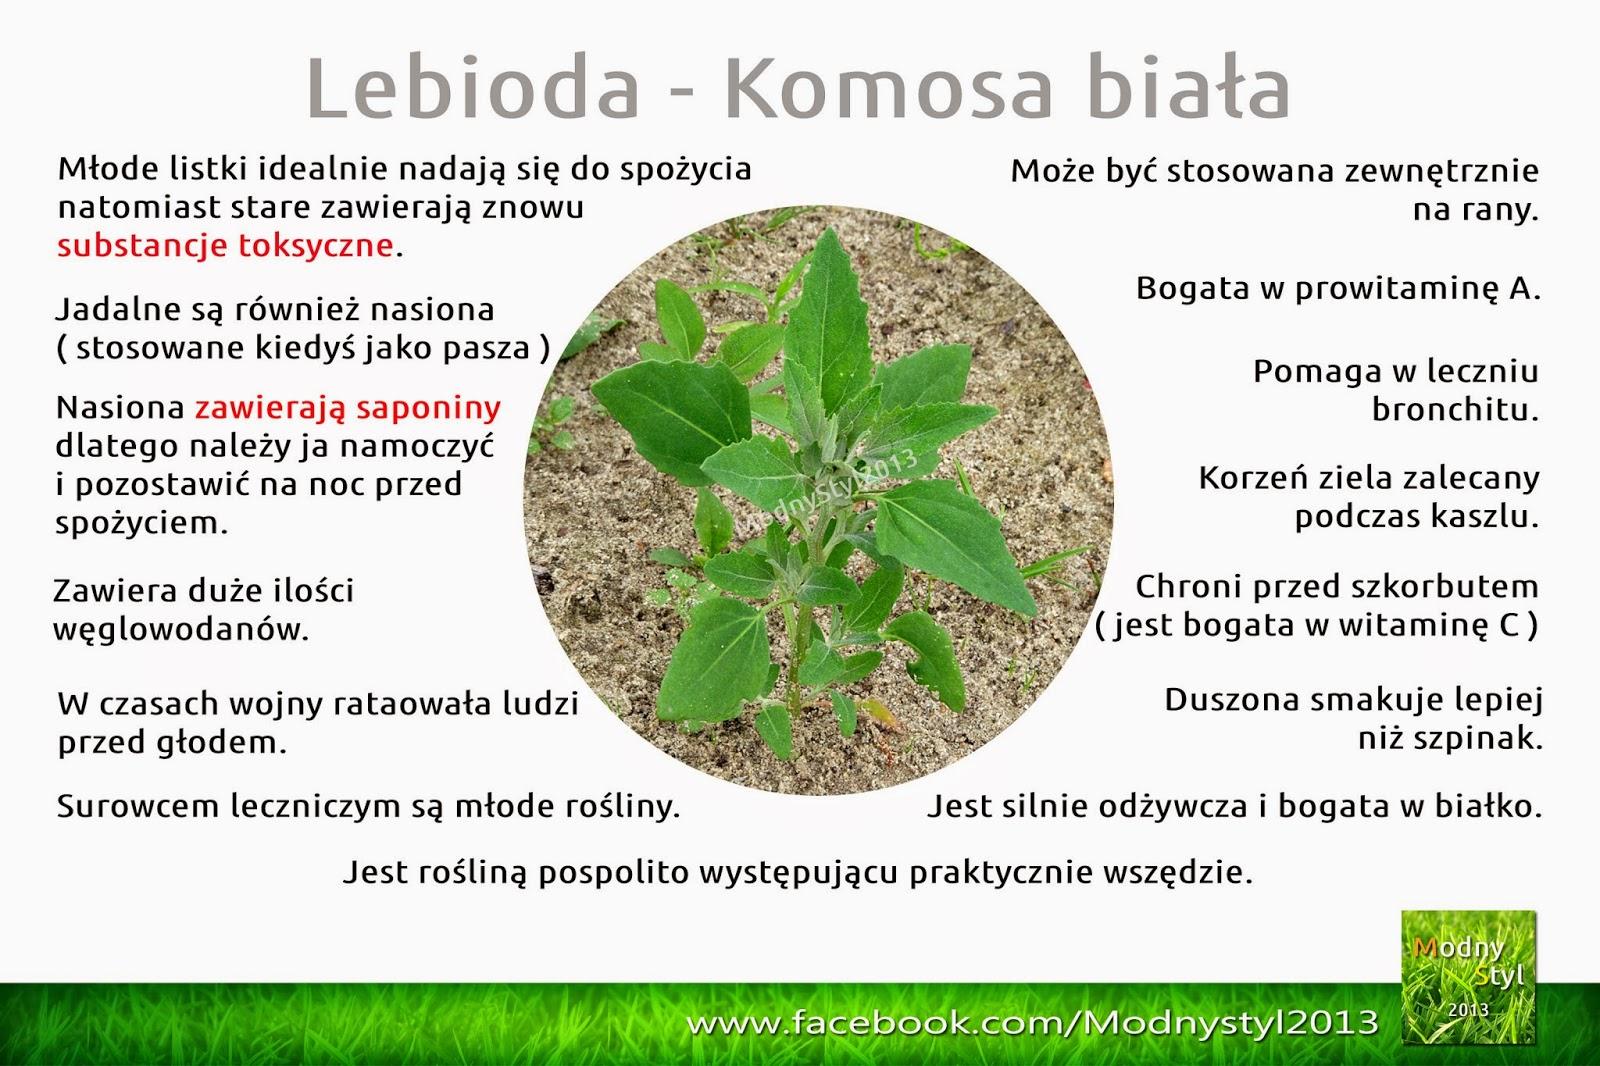 Lebioda czyli komosa biała